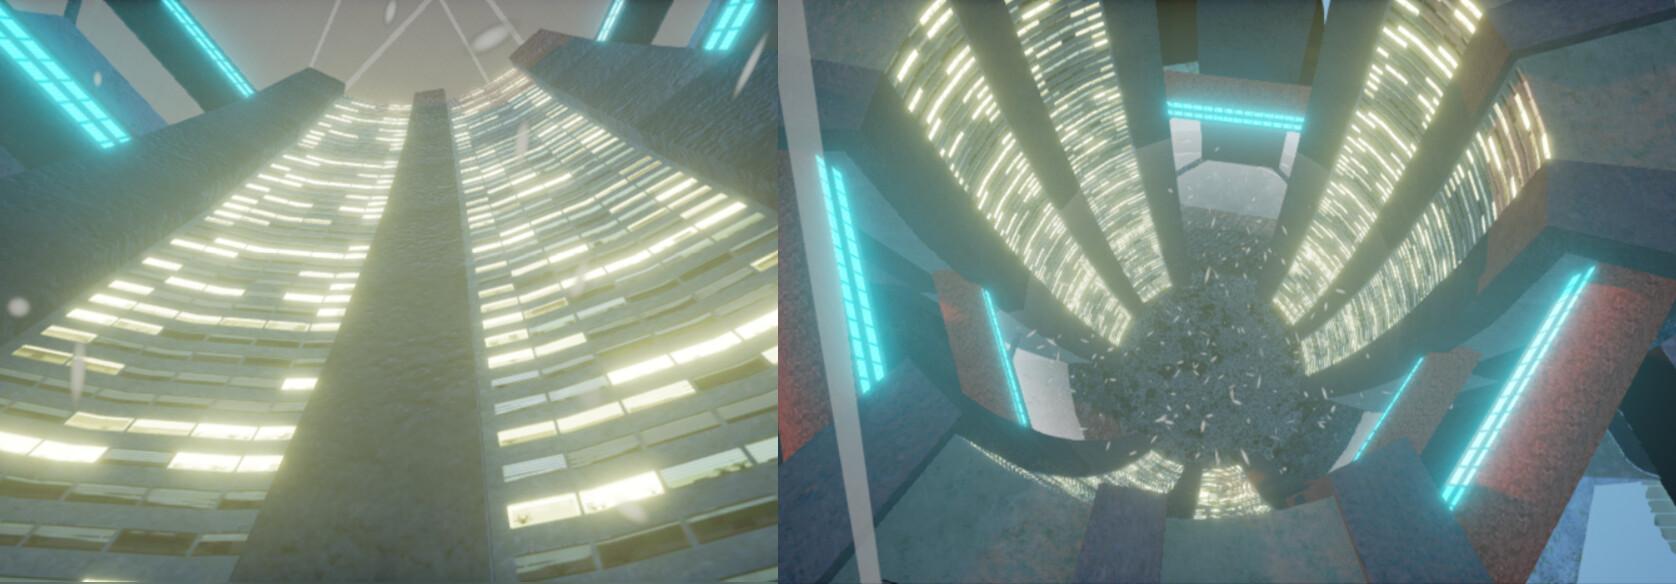 Alexander laheij screenshot center level building topview